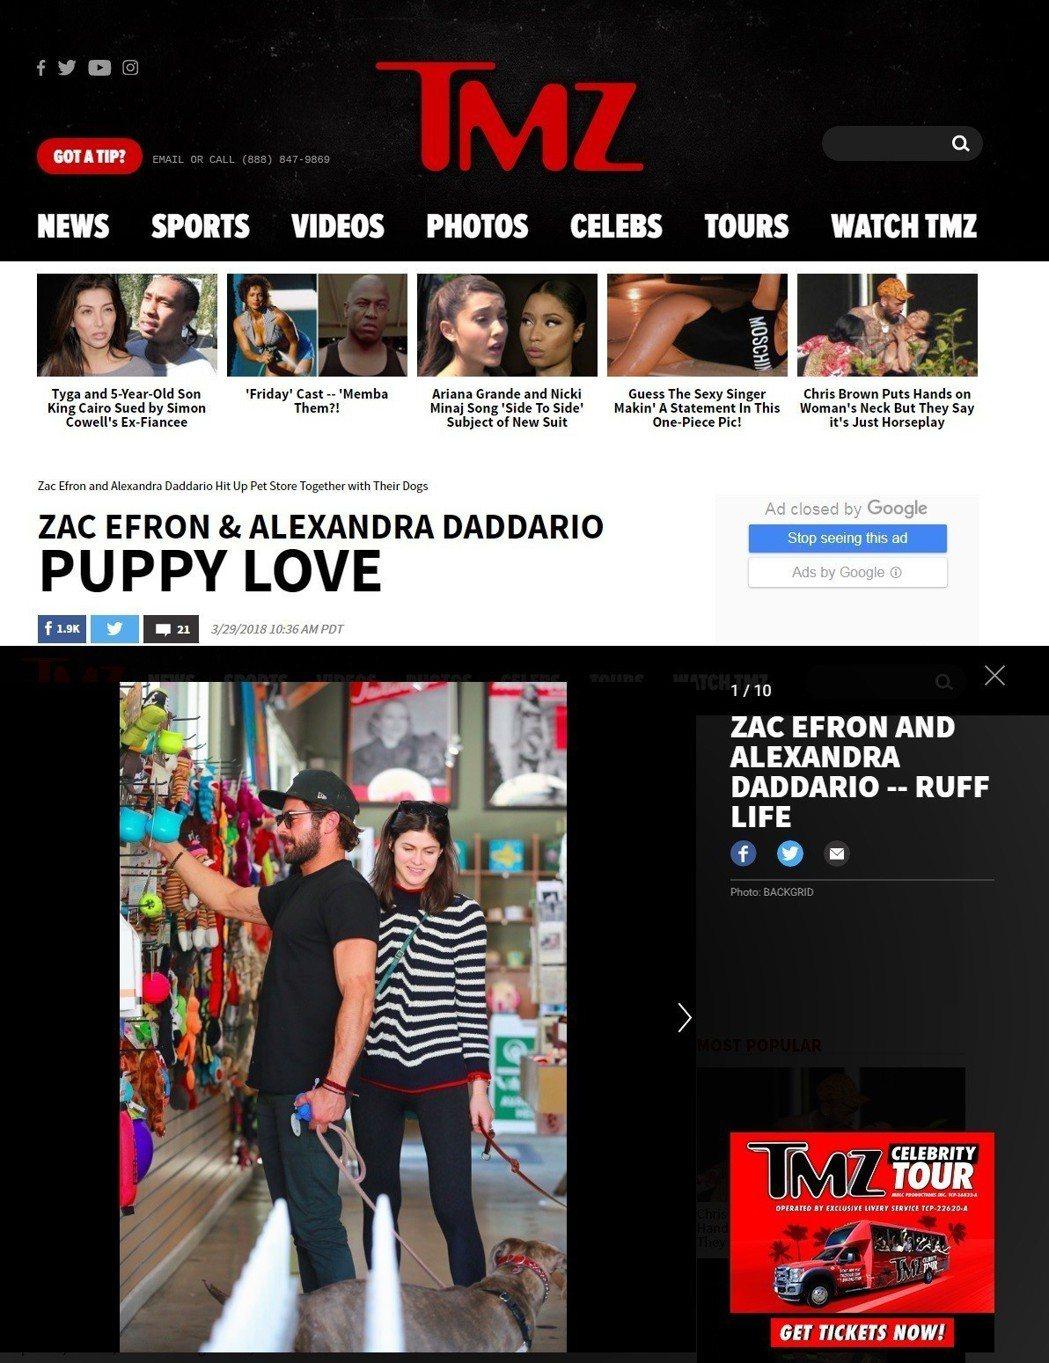 柴克艾福隆與亞莉珊卓戴達里歐被拍到一起帶愛犬逛寵物用品店。圖/擷自TMZ